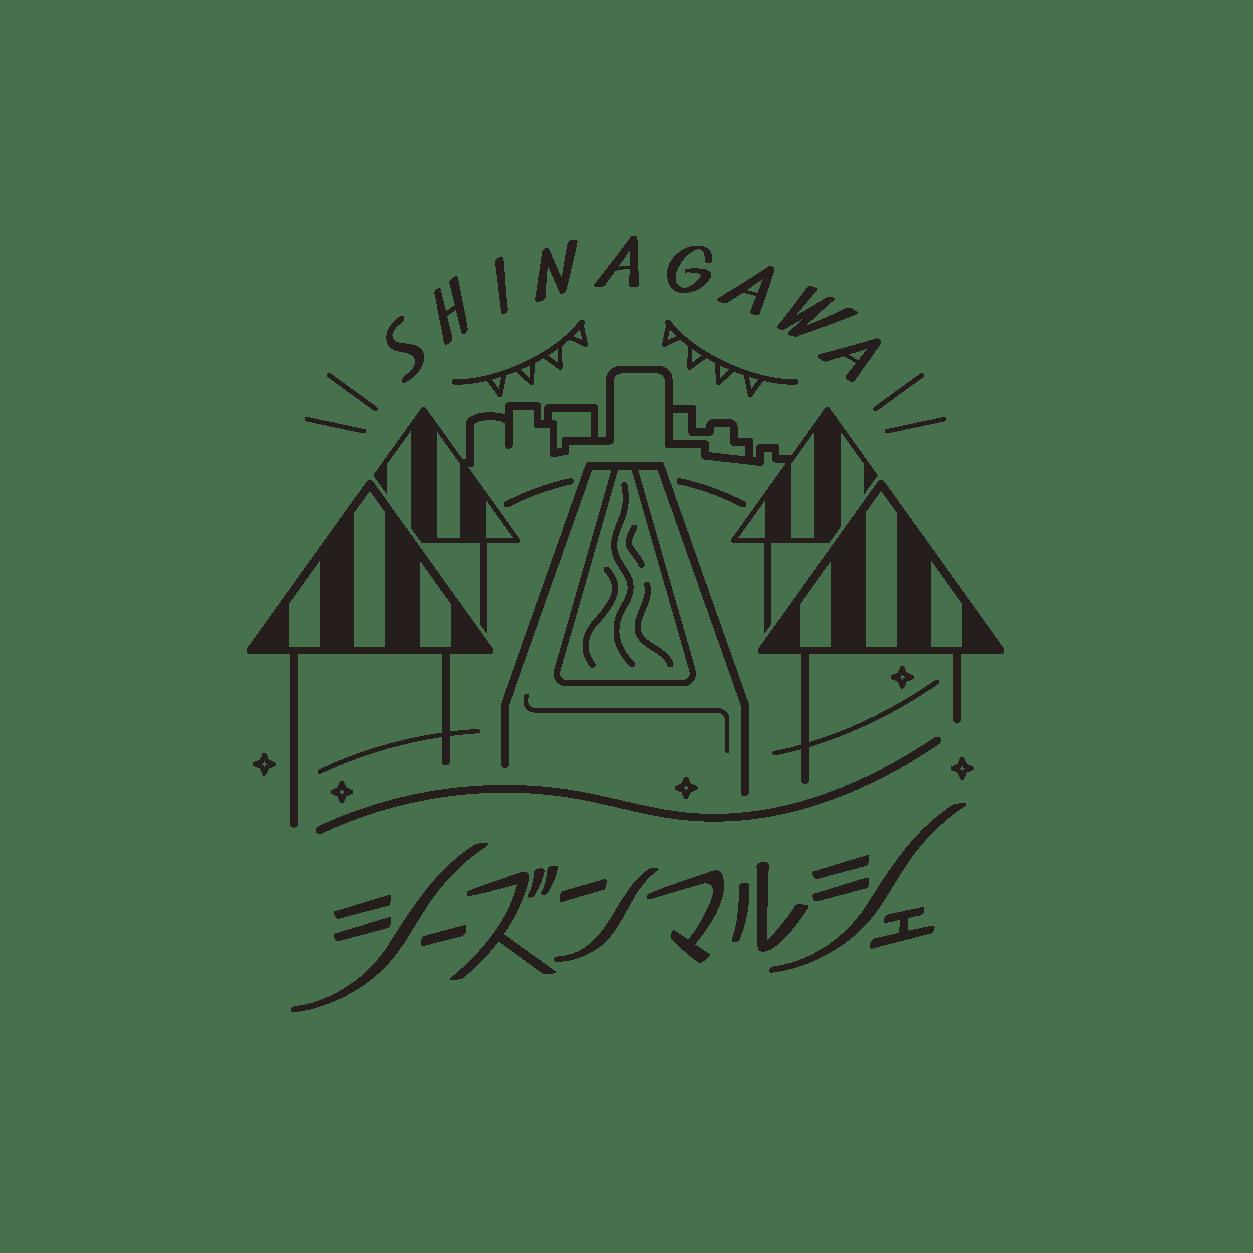 「買う」「会話する」「食べる」「体験する」を一度に楽しもう! 都市型マルシェ『SHINAGAWAシーズンマルシェ』初開催  3/2(土)@品川シーズンテラス